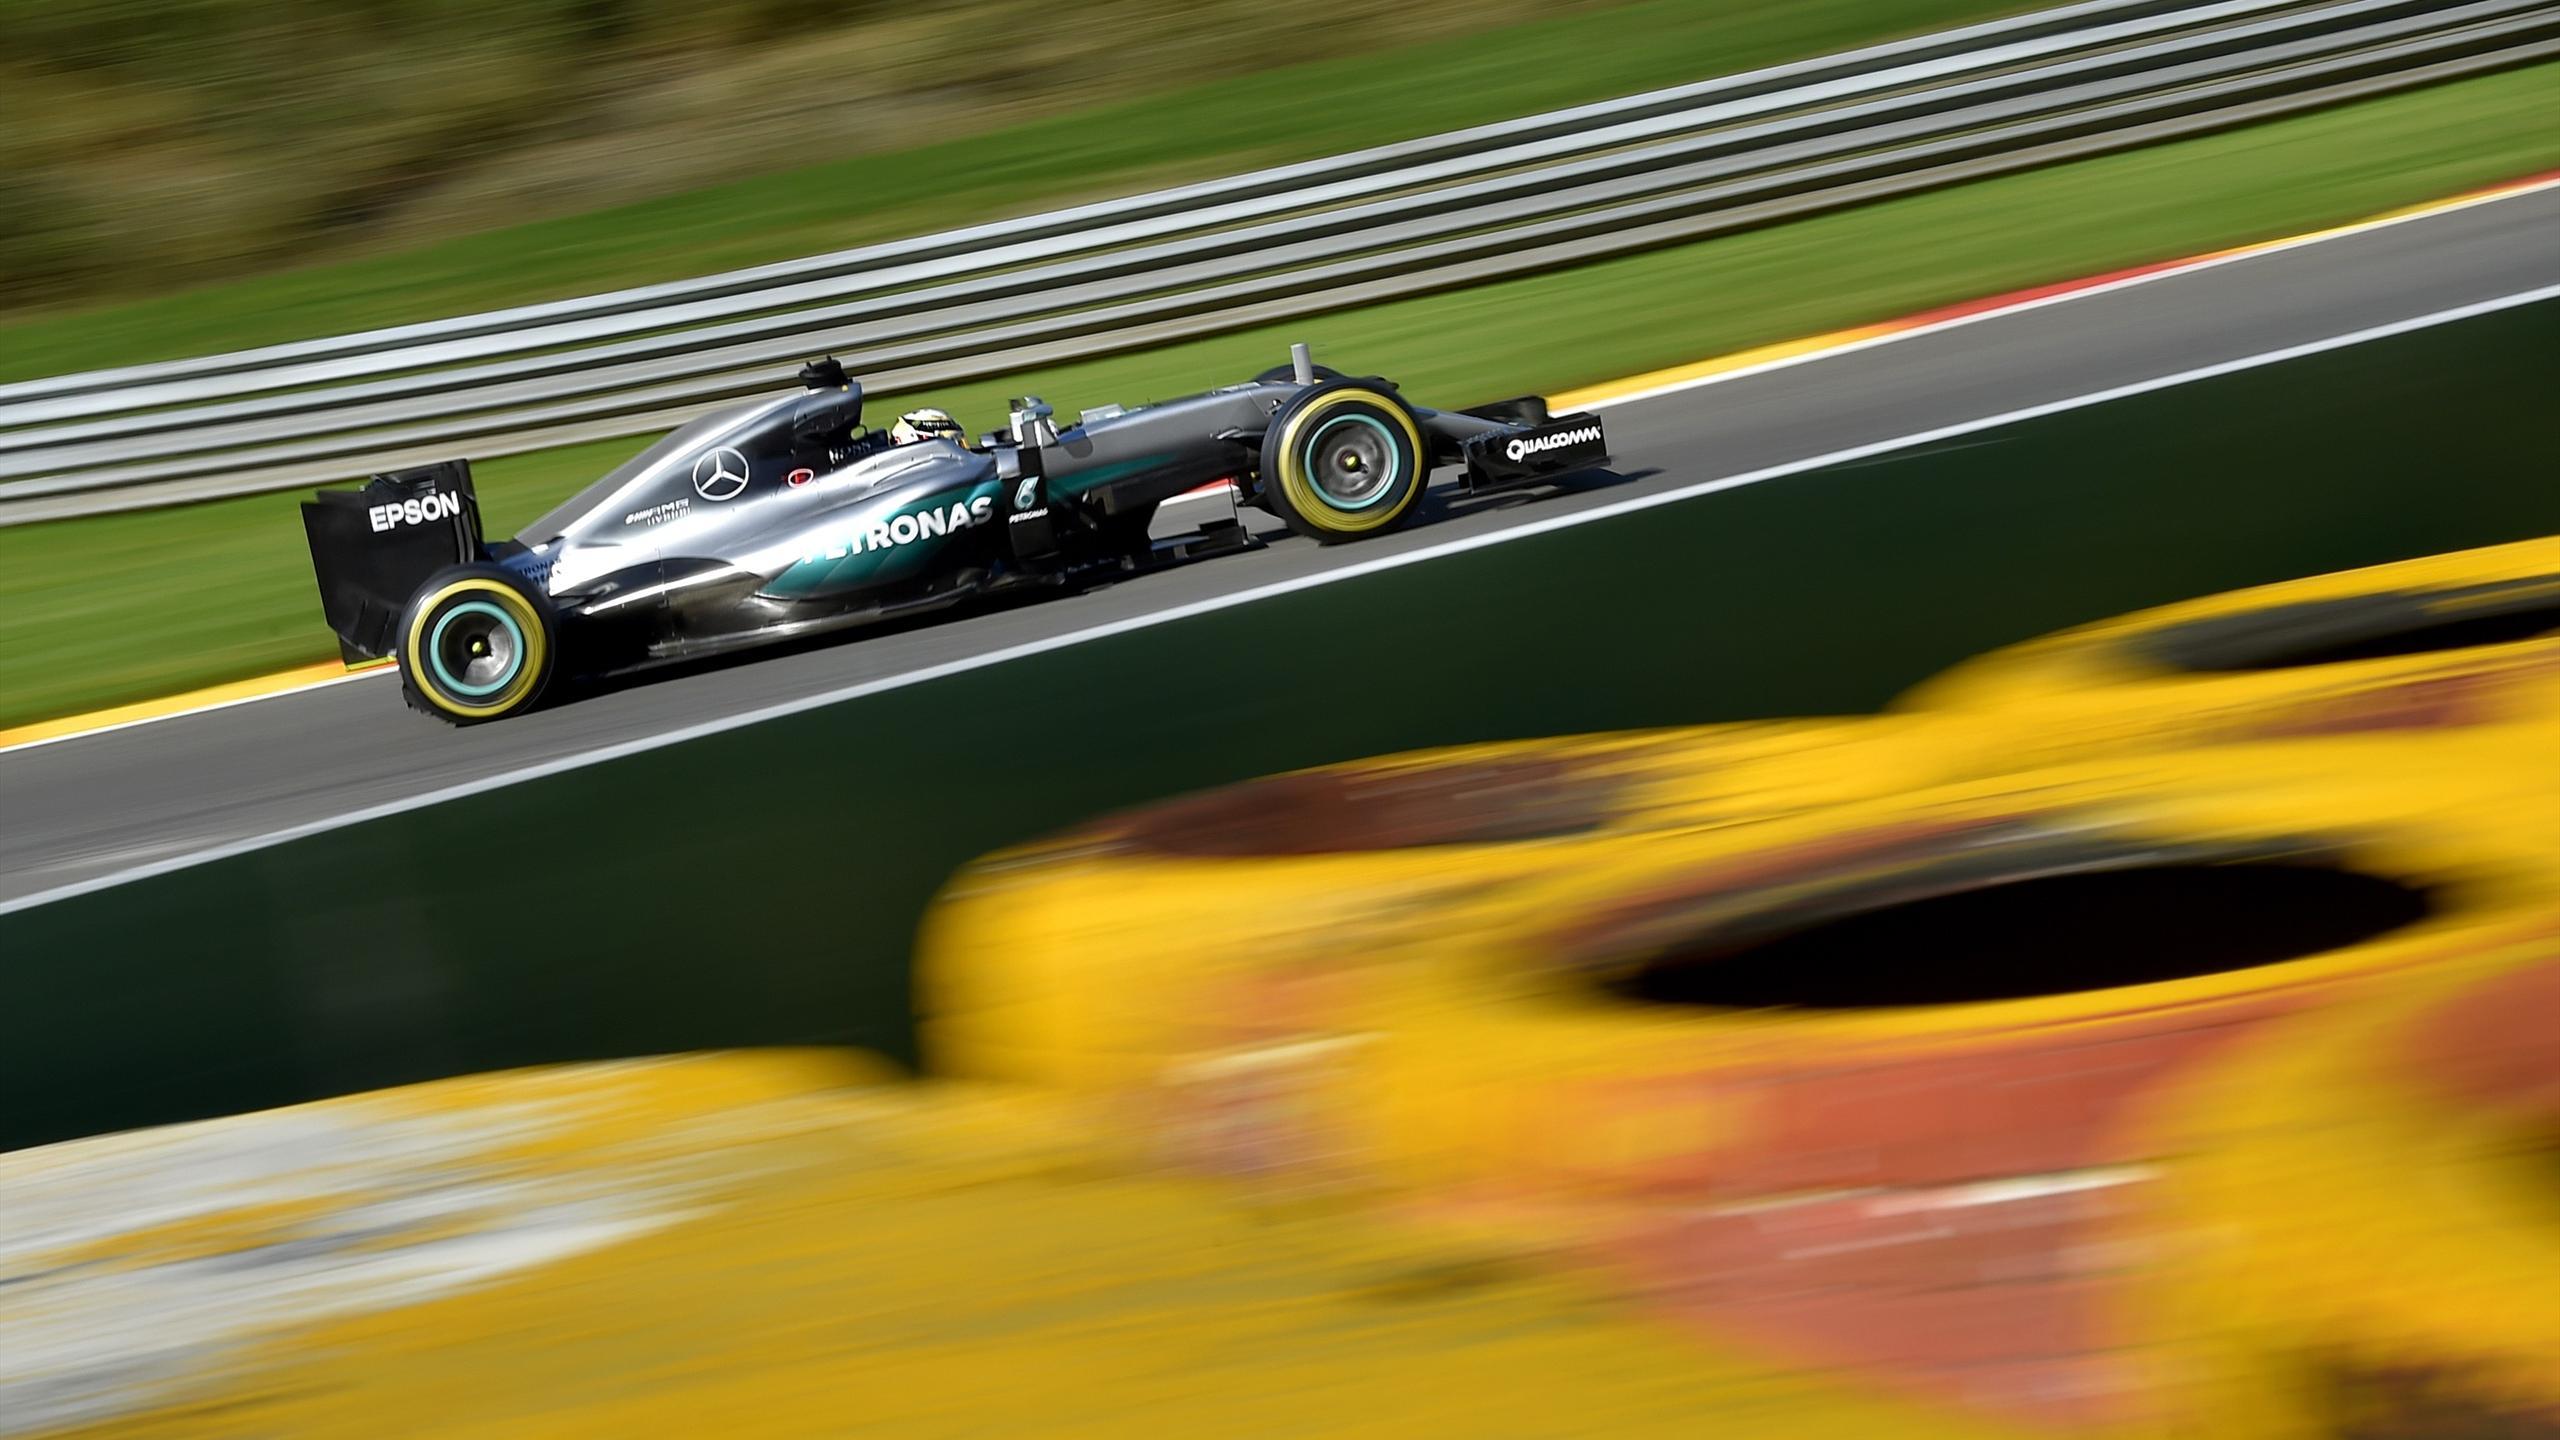 Lewis Hamilton (Mercedes) - GP of Belgium 2016